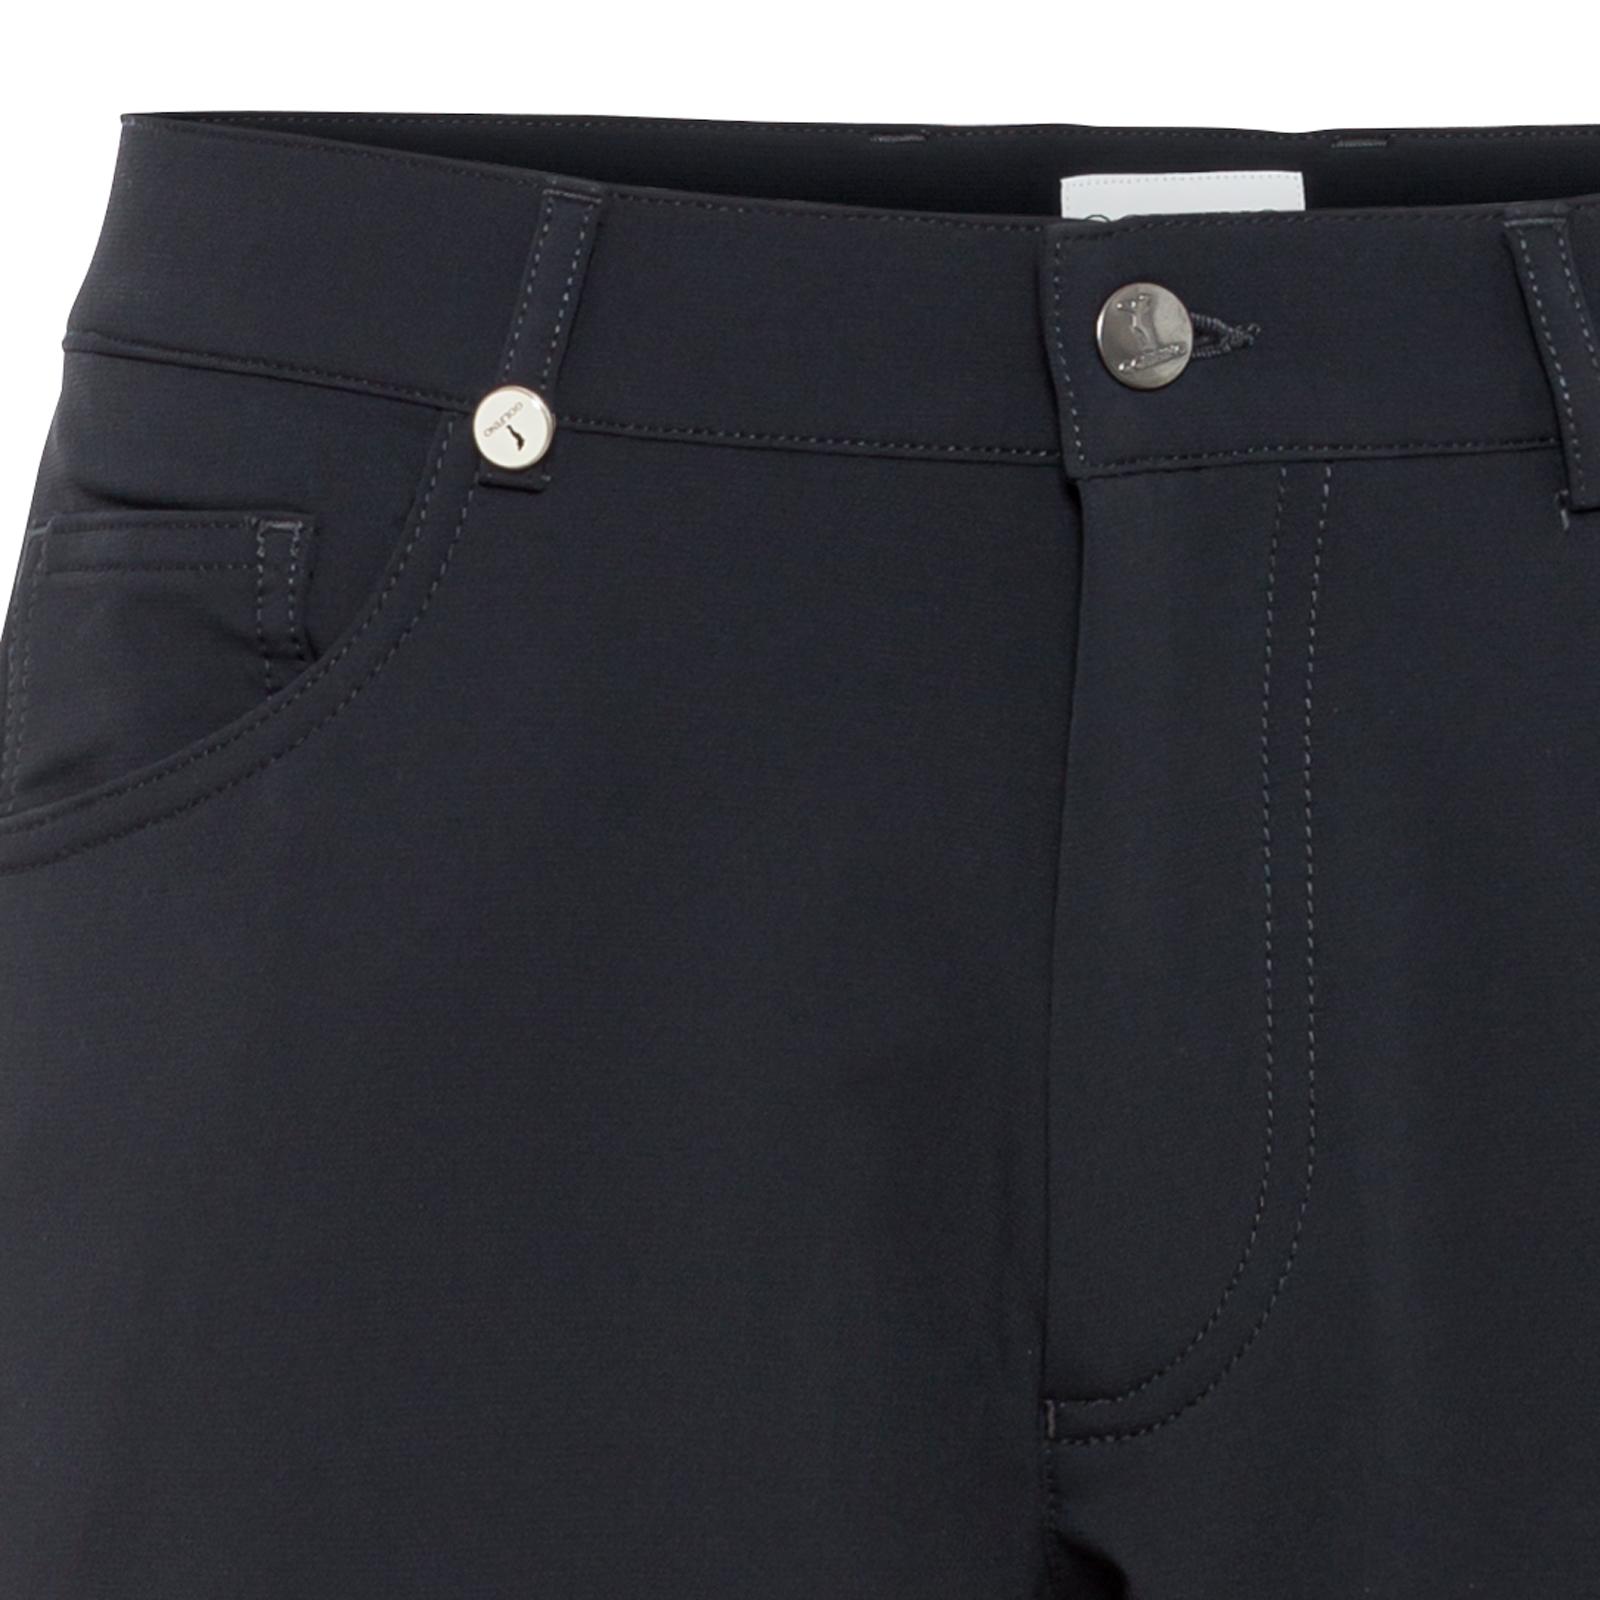 Besonders flexible Herren Golf Hose